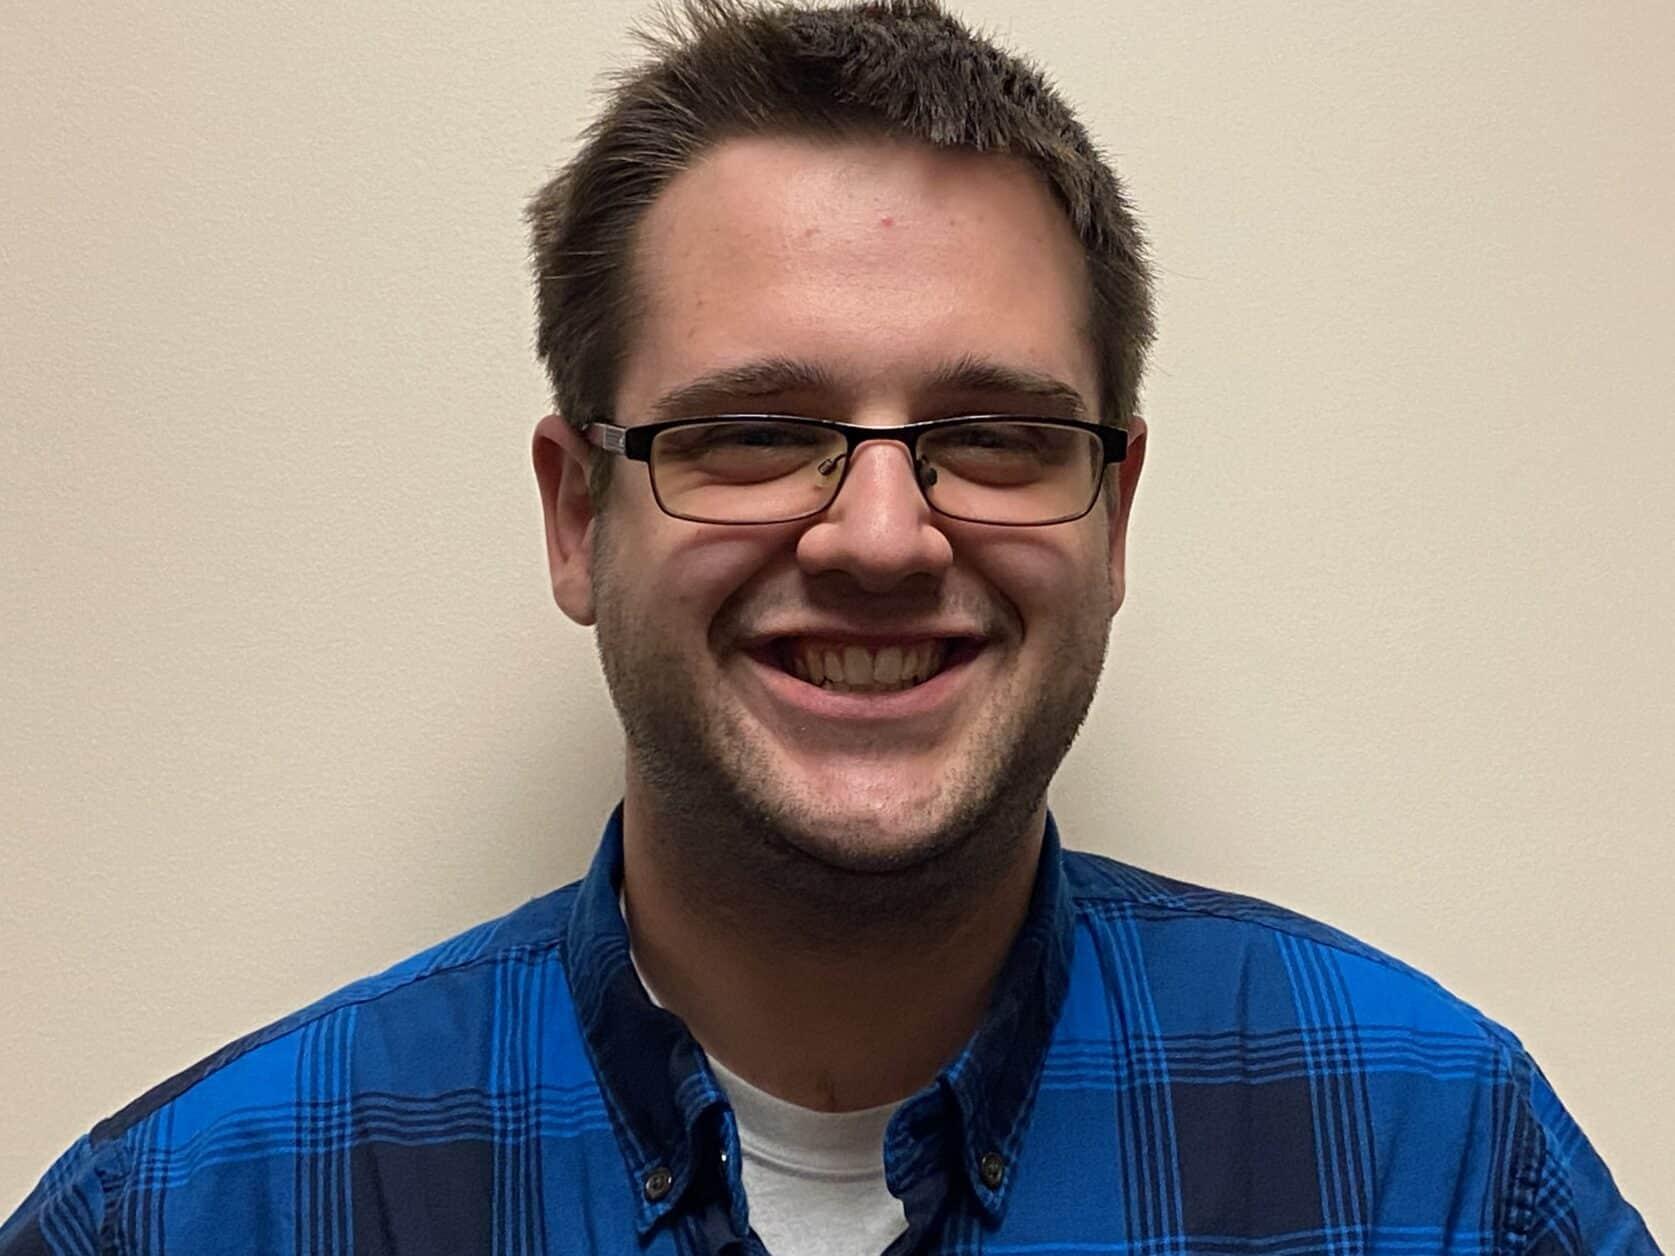 Ryan Cooney, Student